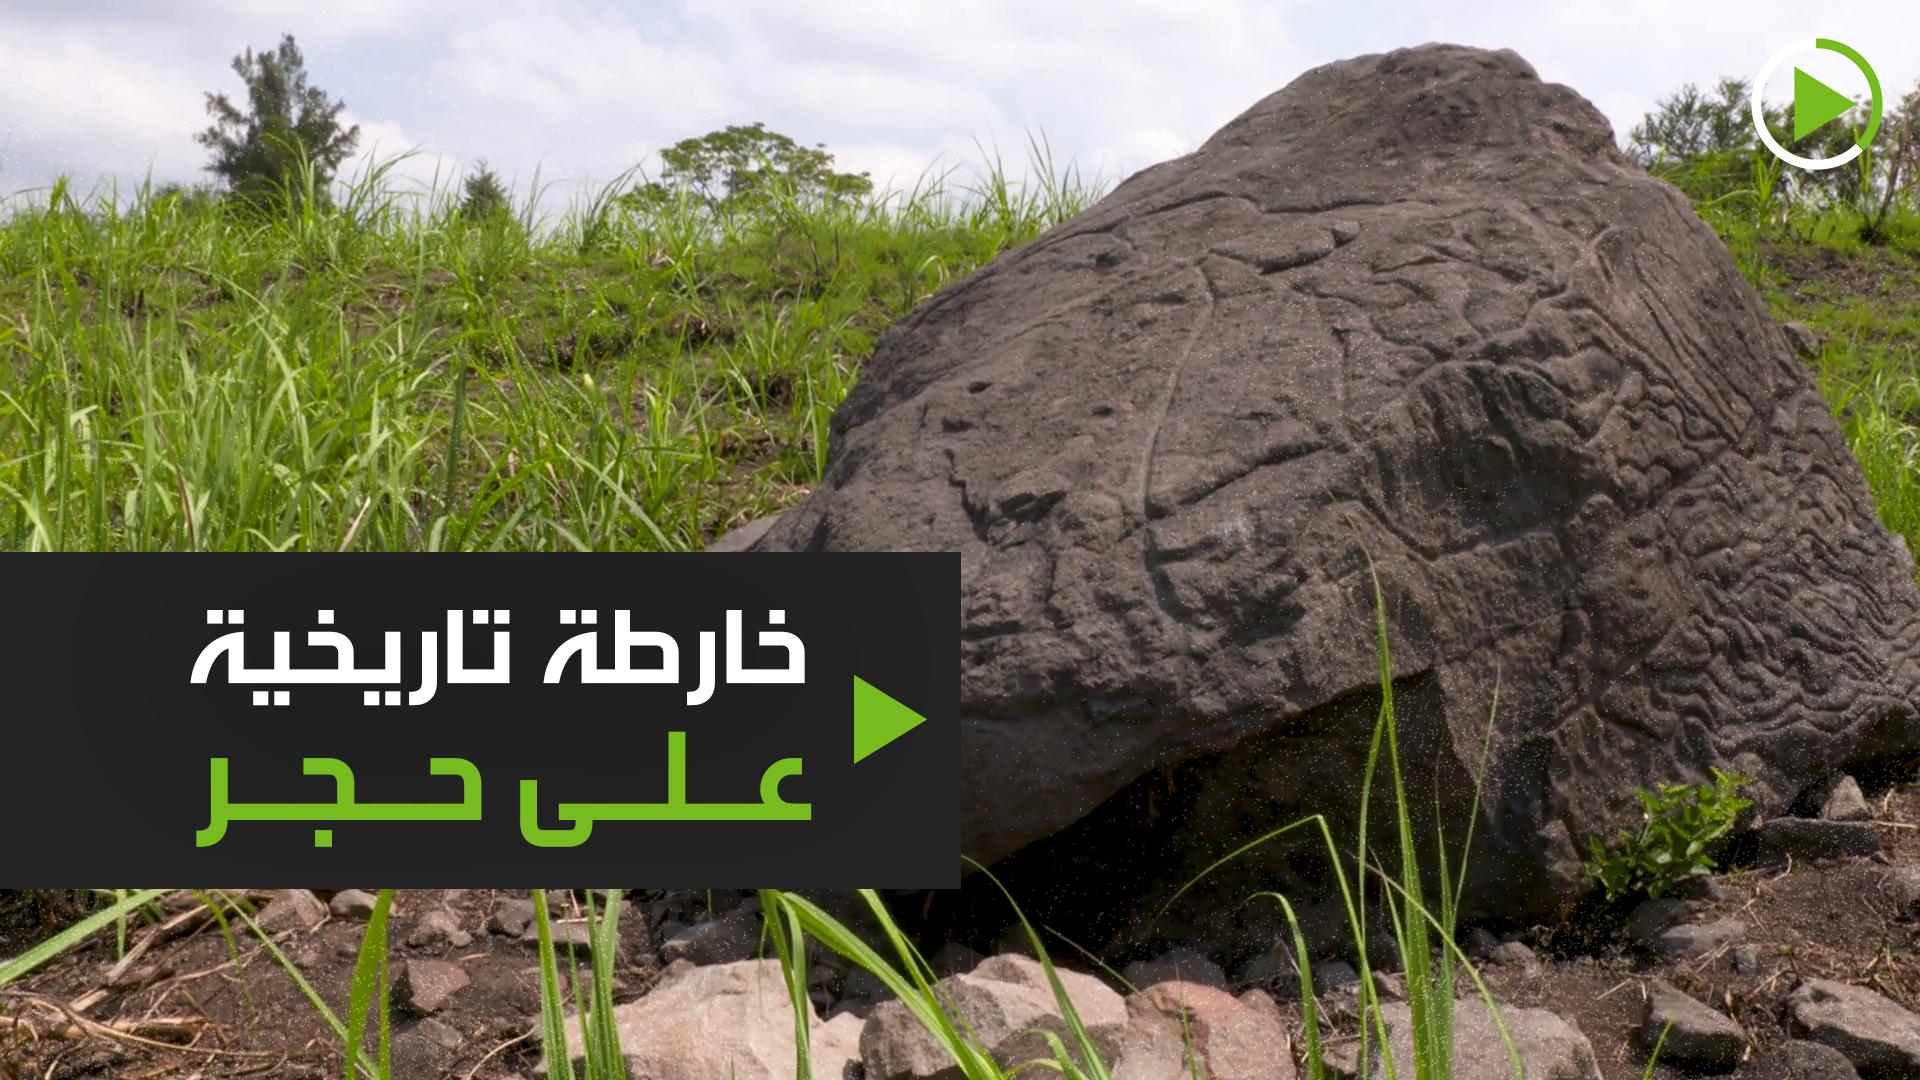 خارطة عمرها 2000 سنة على حجر